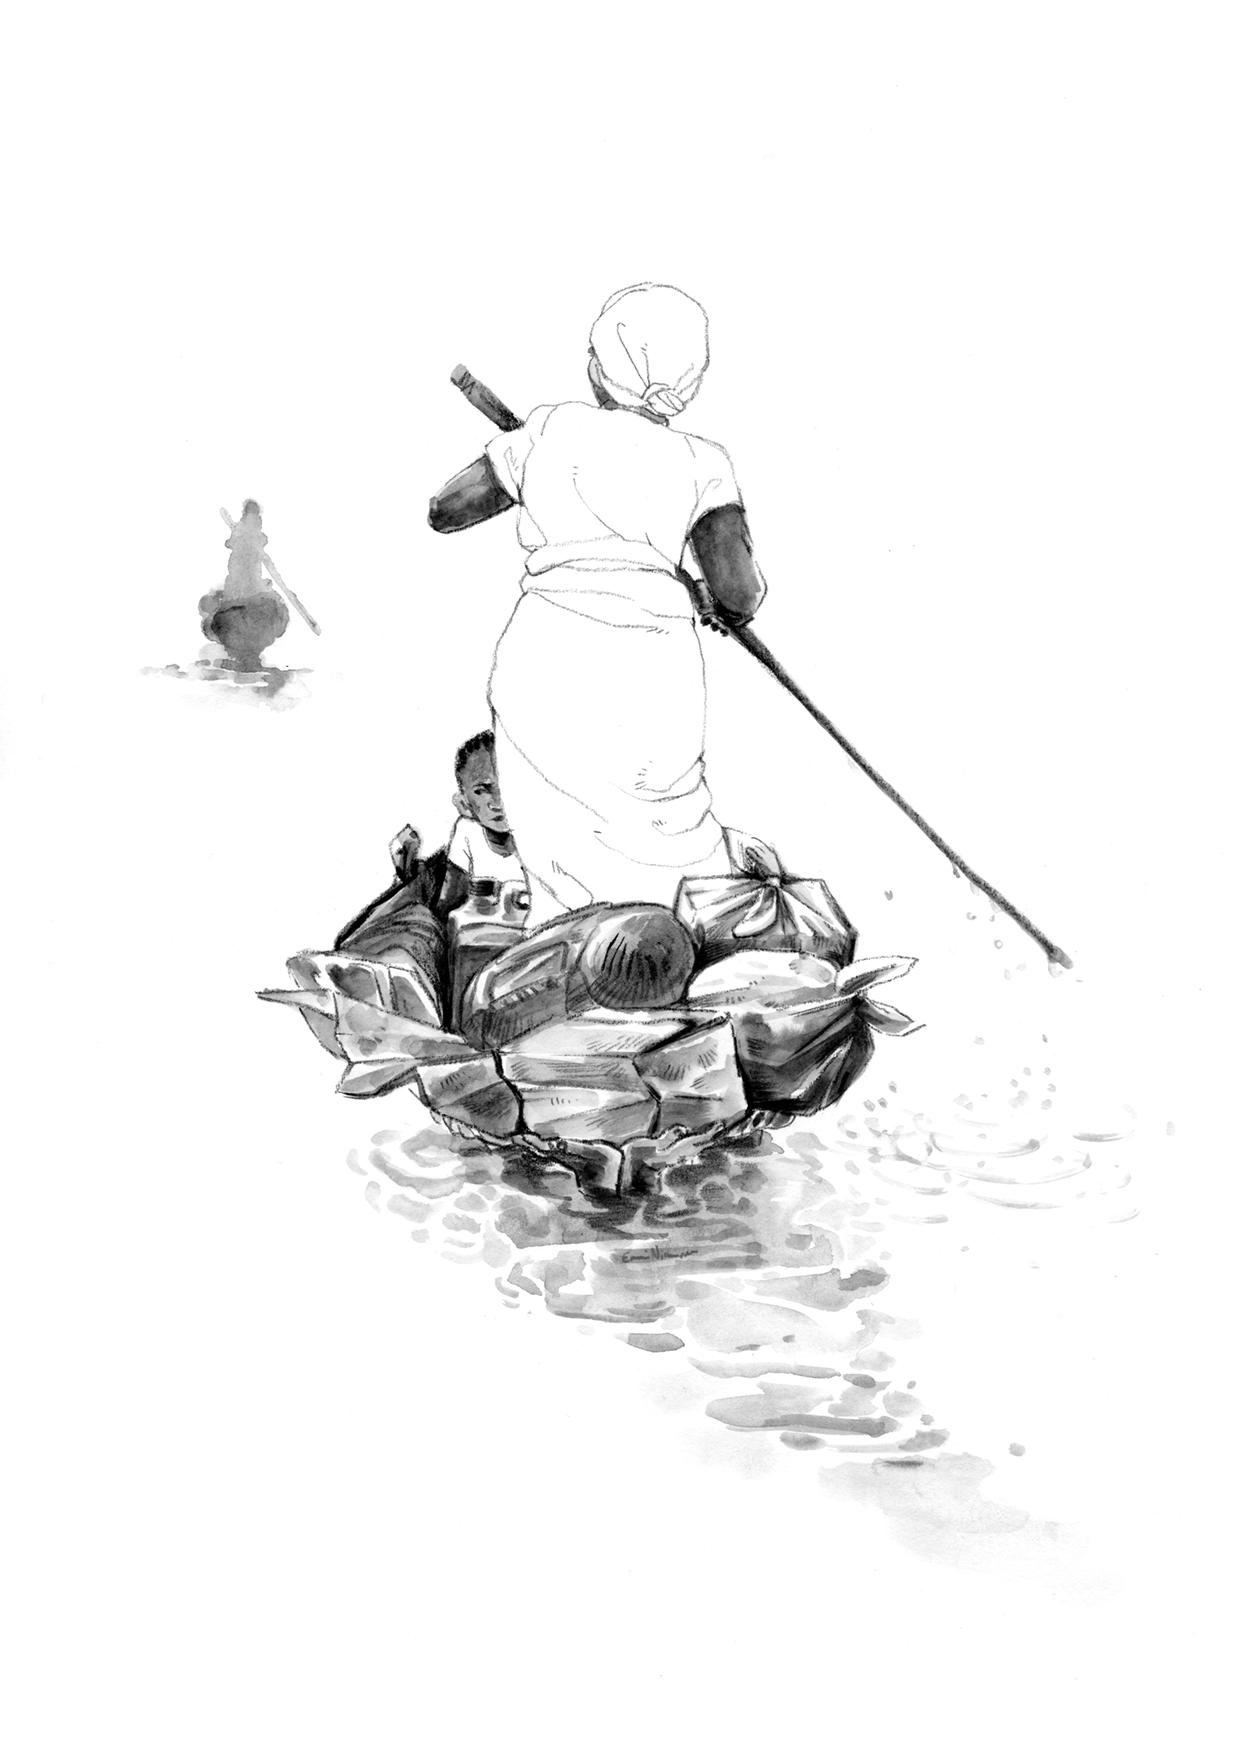 social_rafting_150dpi_gs